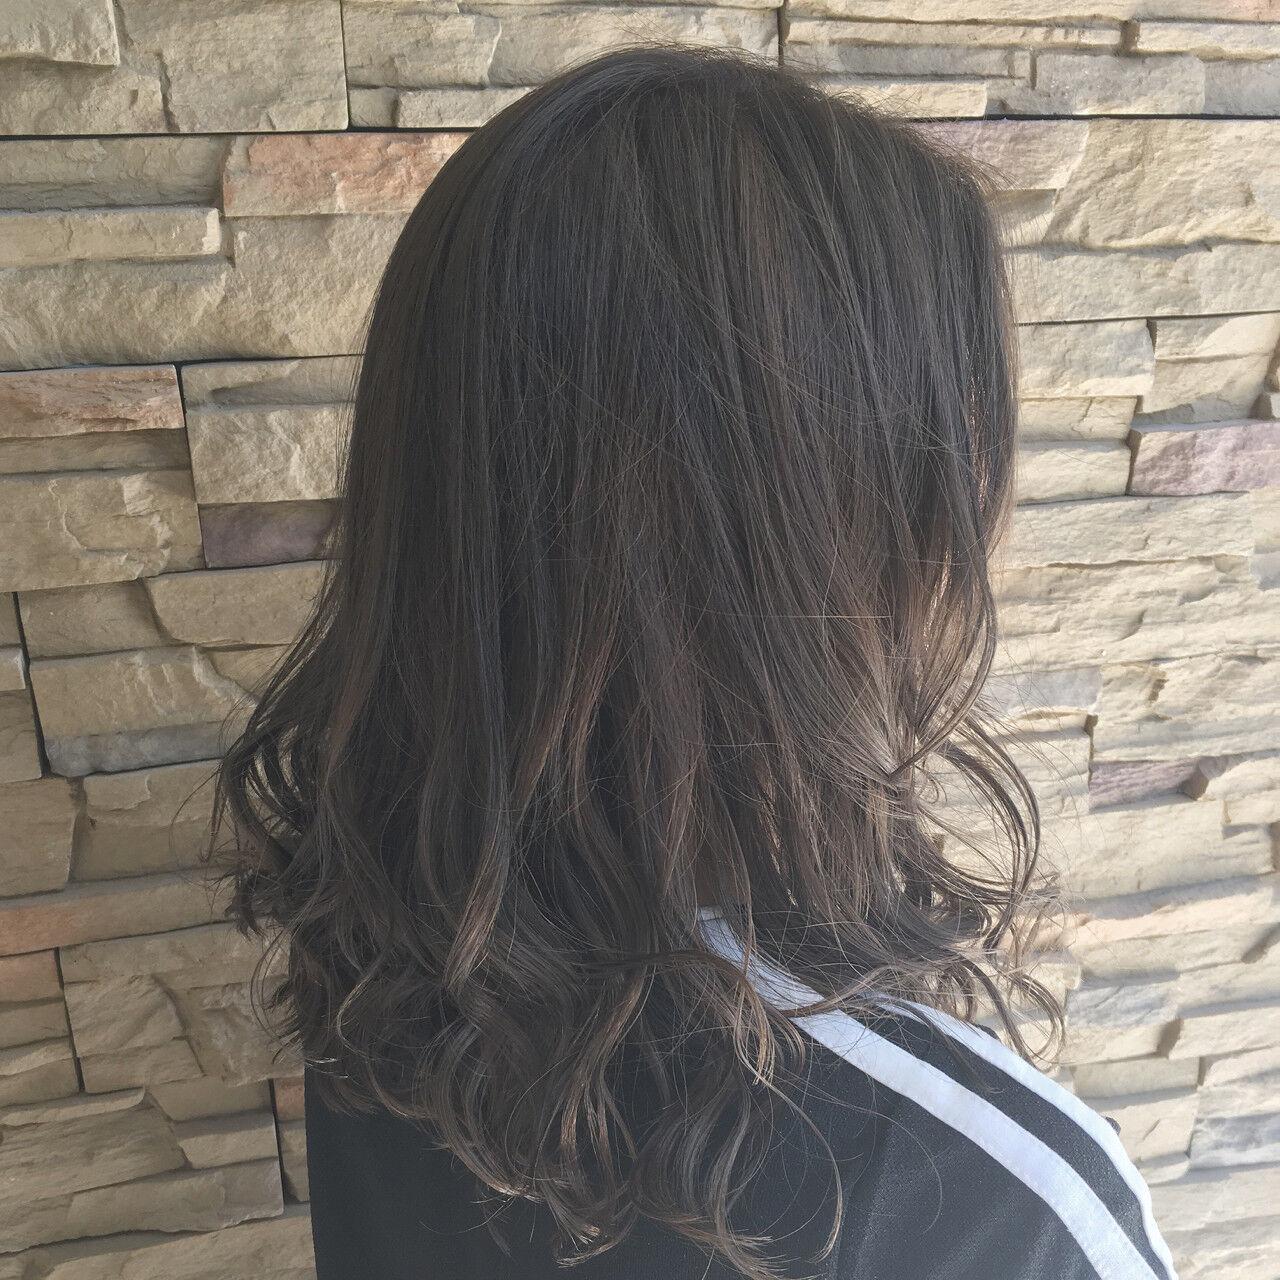 ゆるふわ ミディアム アッシュ ナチュラルヘアスタイルや髪型の写真・画像